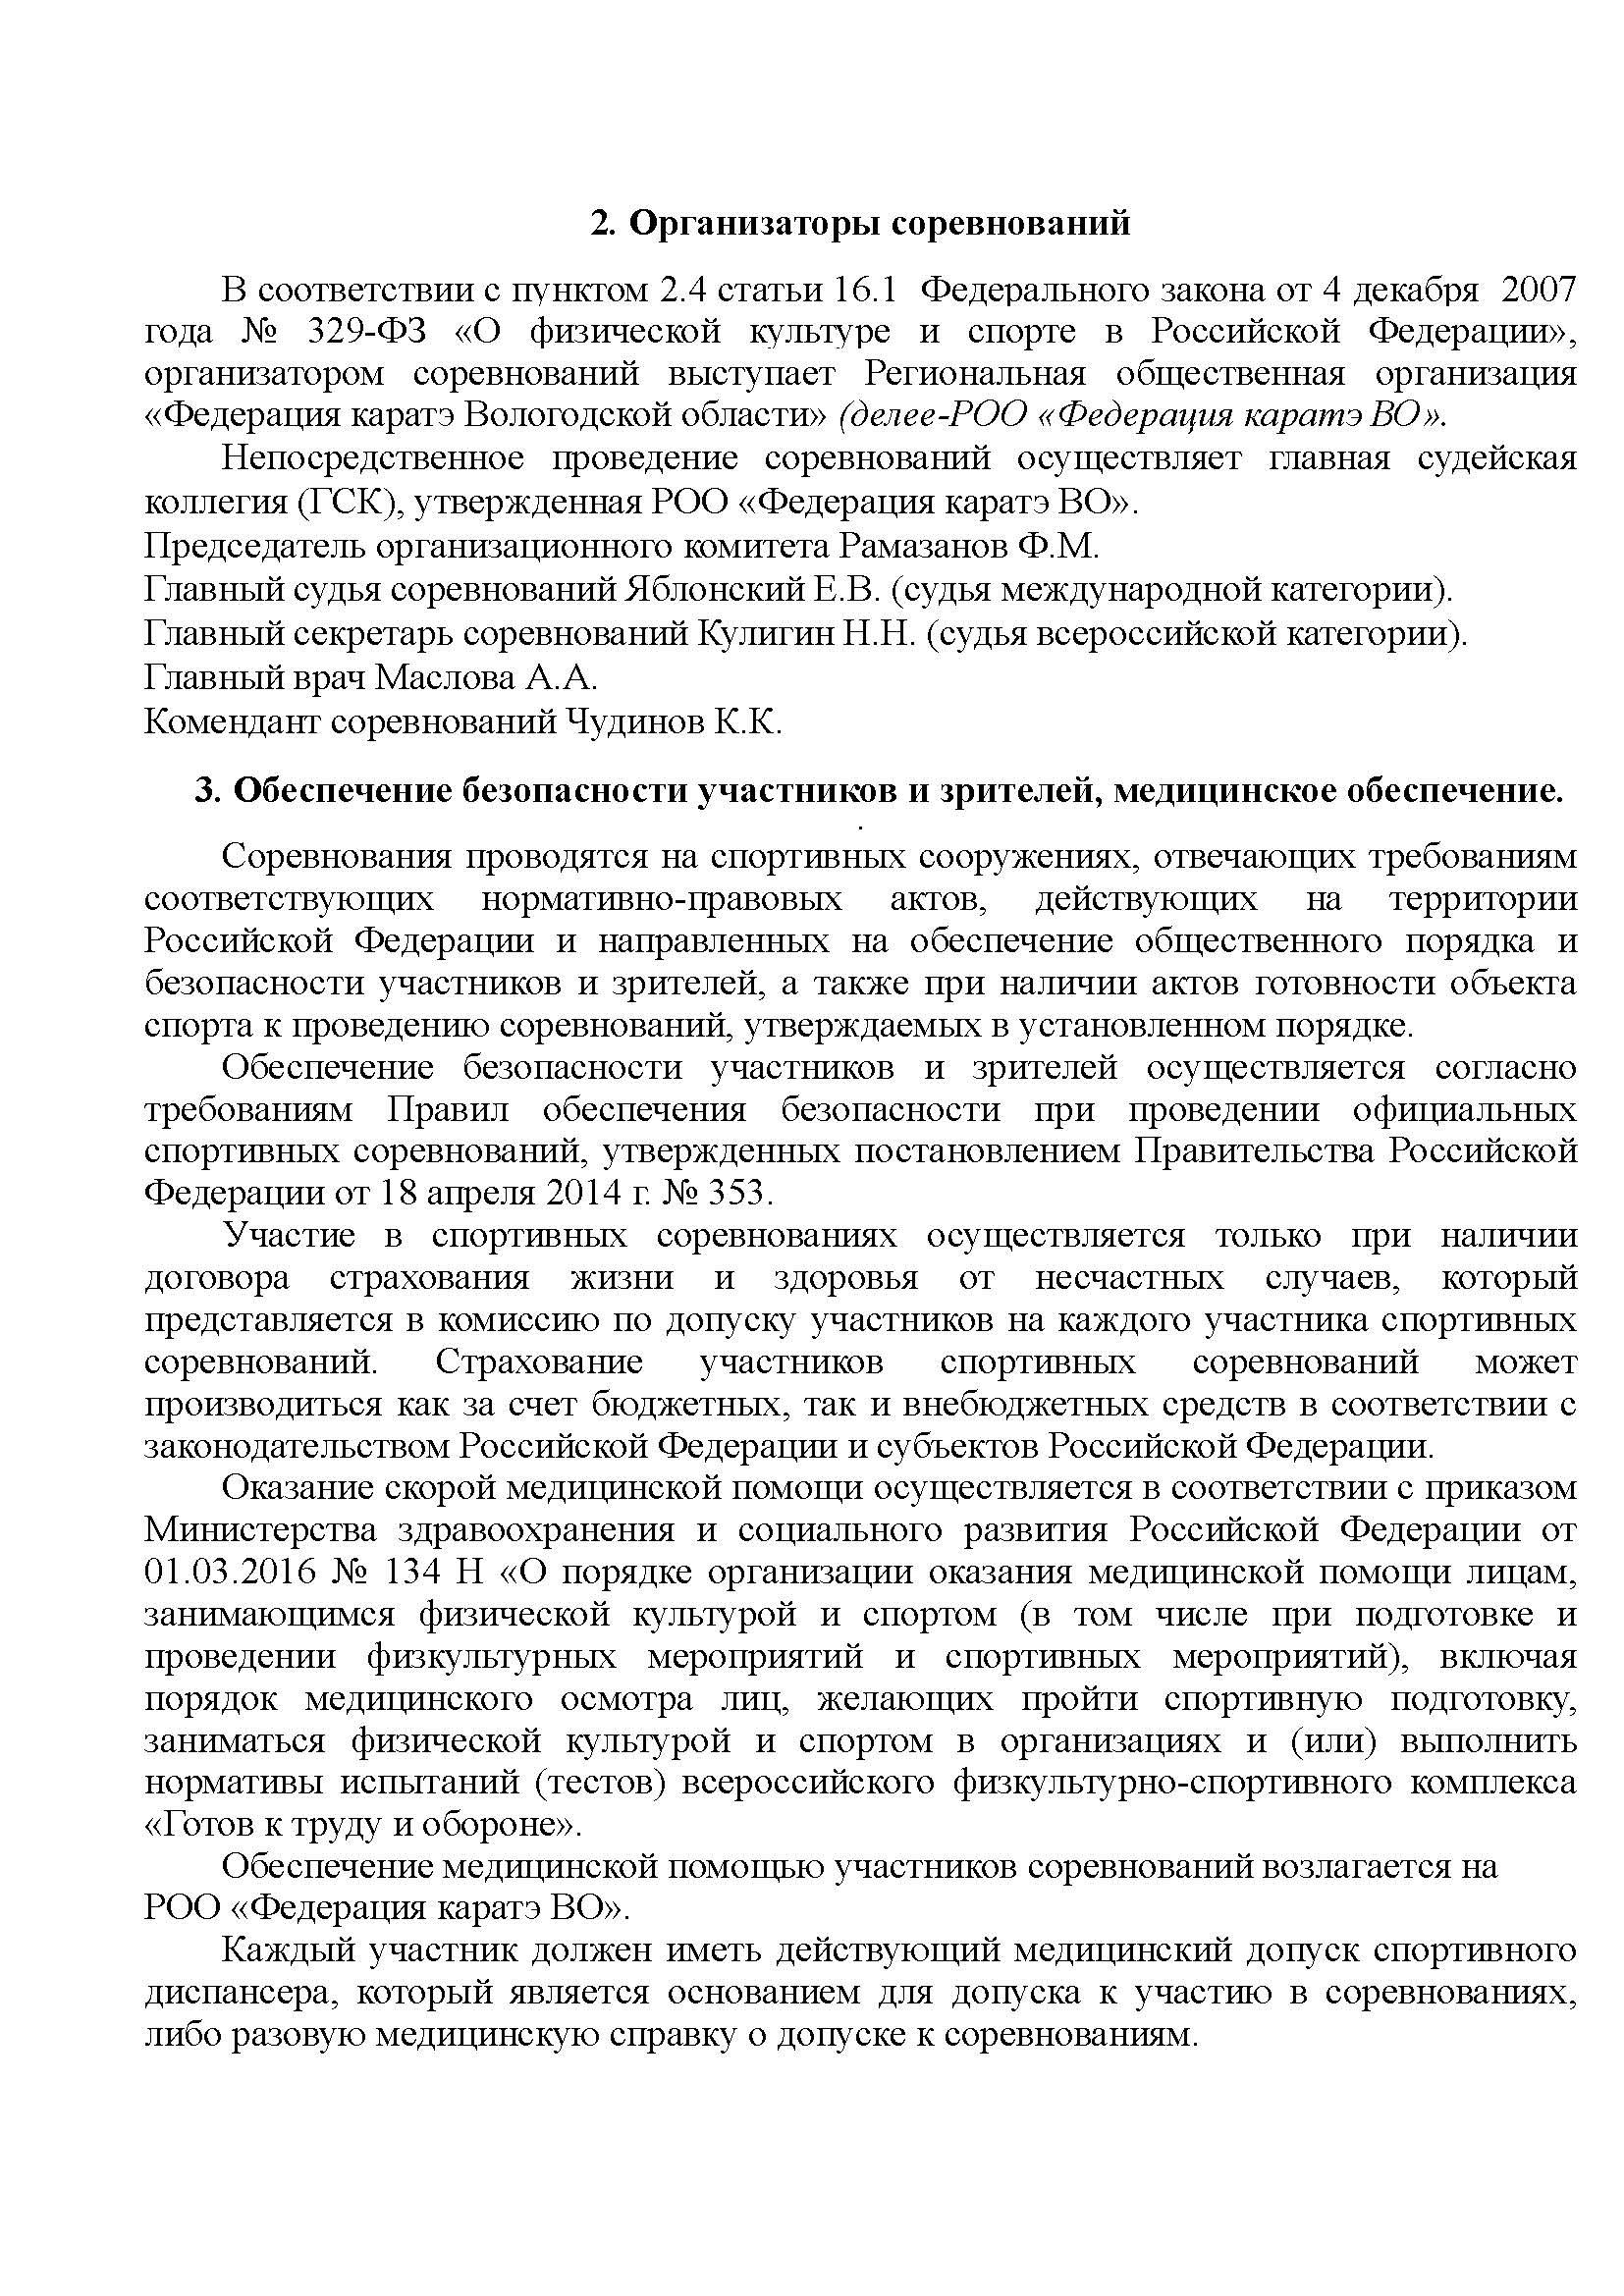 СЗФО-2019_001-Дети_Страница_2